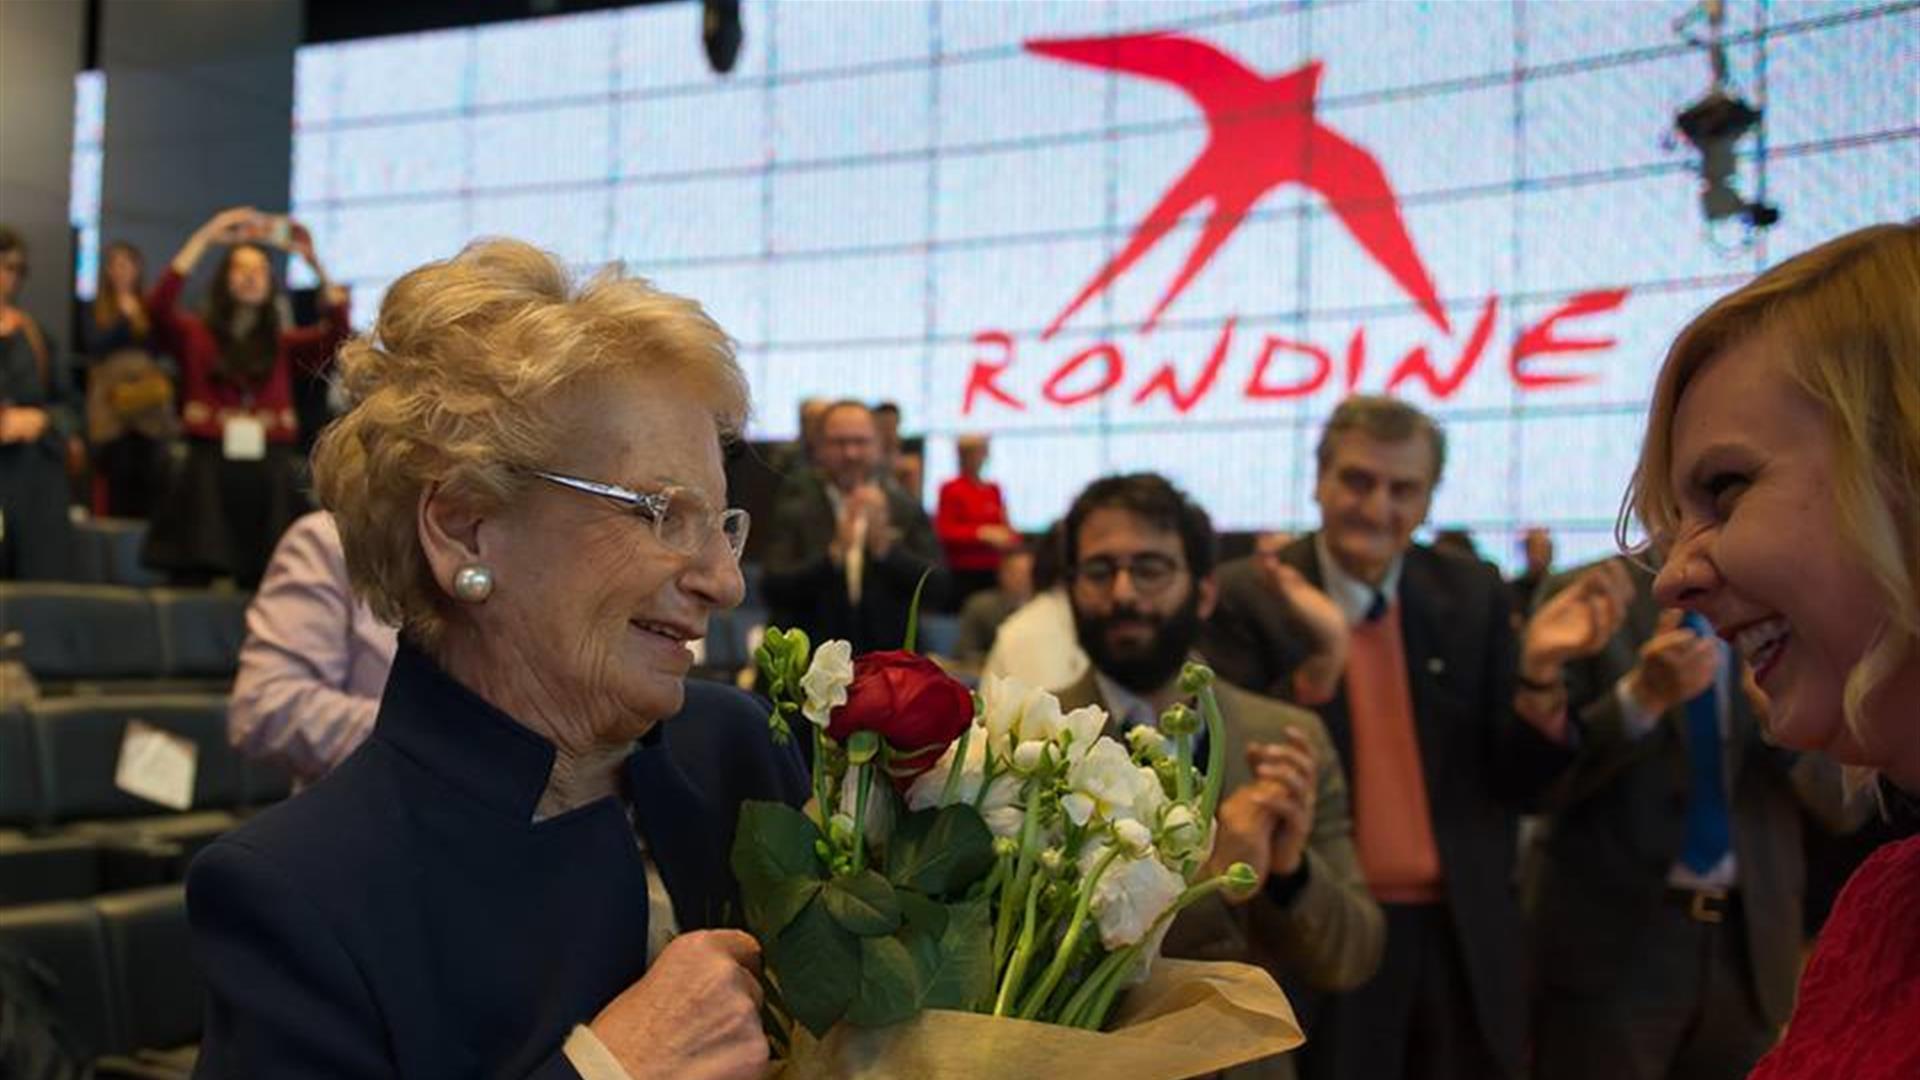 Liliana Segre con fiori e sullo sfondo logo rondine